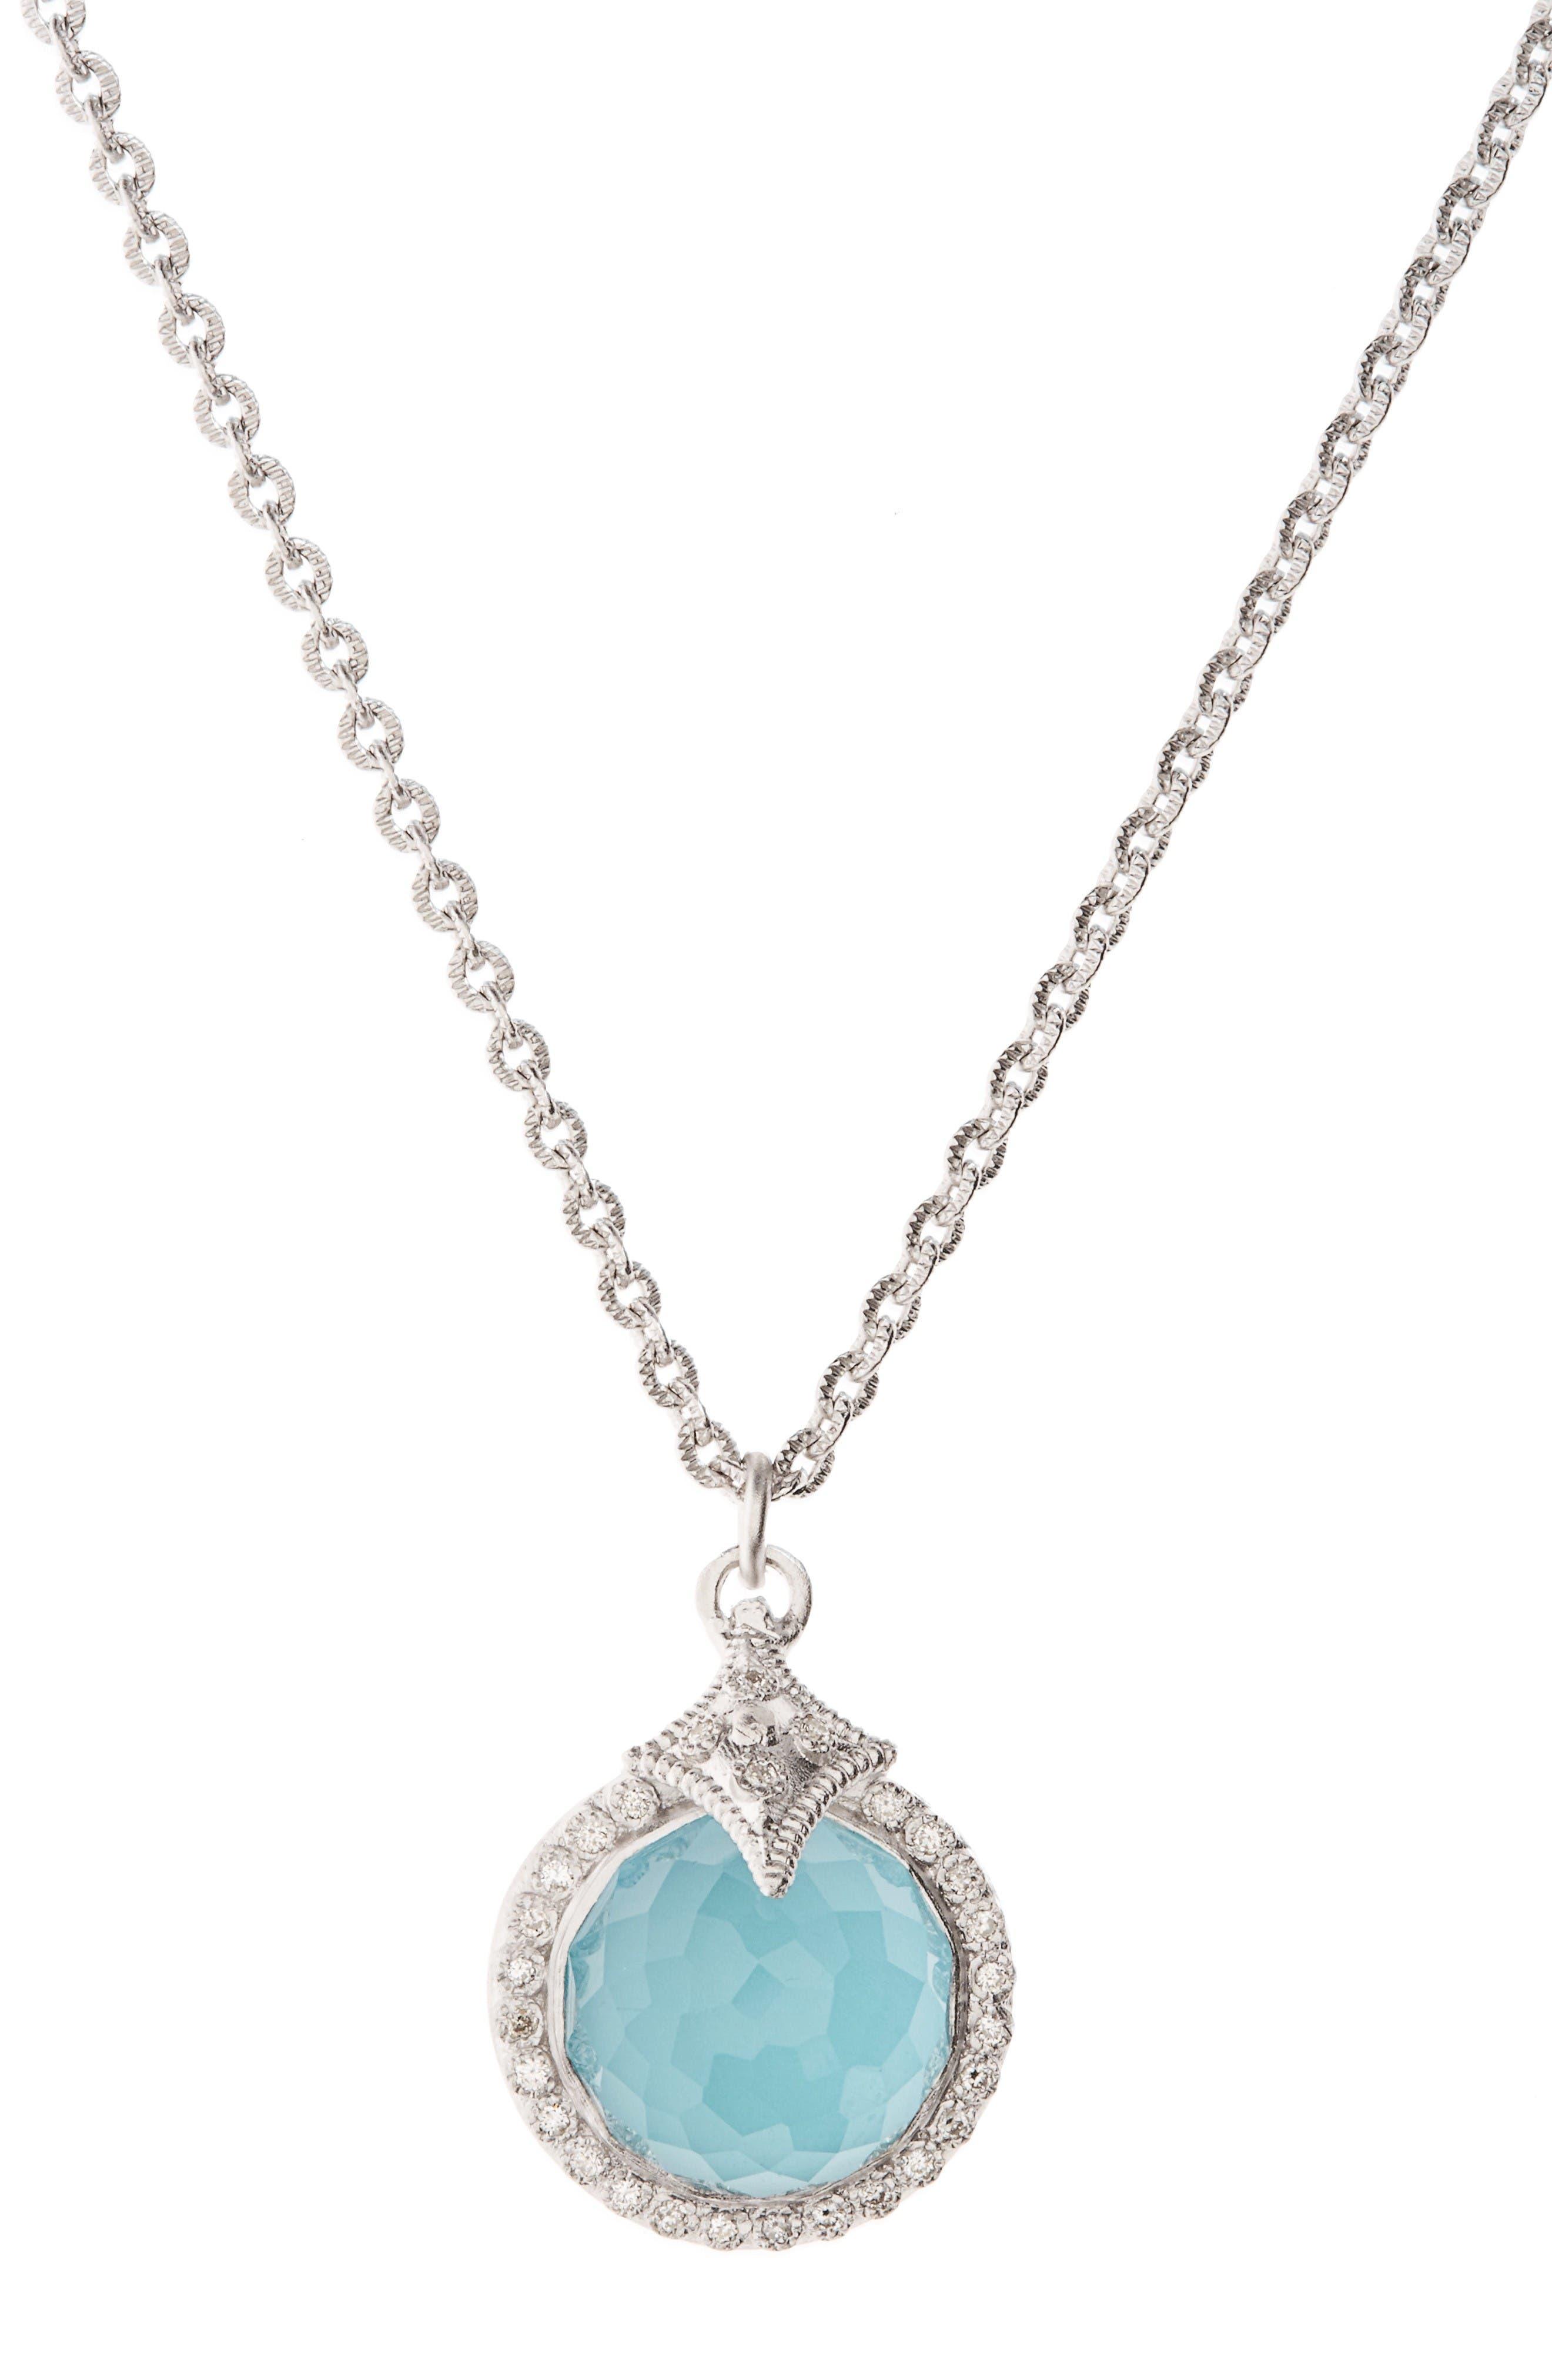 Main Image - Armenta New World Turquoise Pendant Necklace